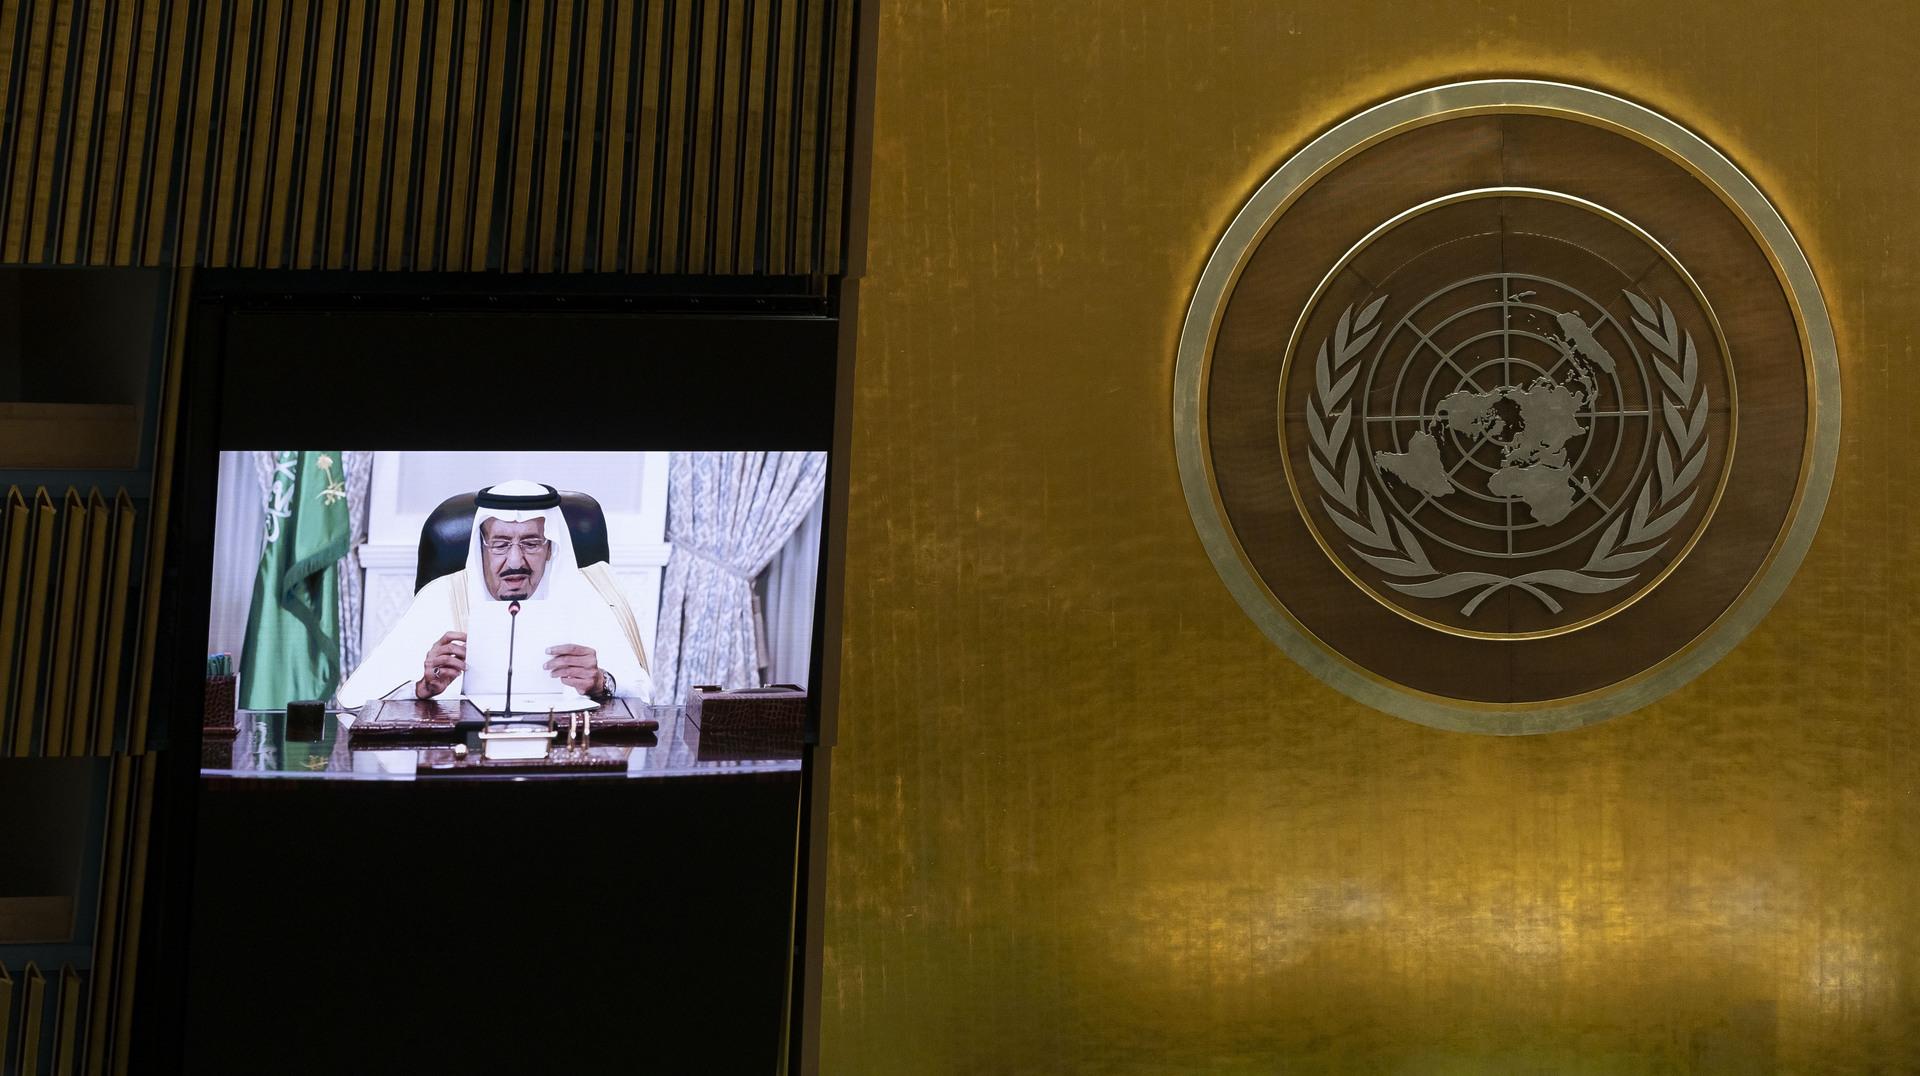 العاهل السعودي، الملك سلمان بن عبد العزيز آل سعود، يلقي خطابا عبر الفيديو خلال جلسة المناقشات السياسية العامة للدورة الـ76 للجمعية العامة للأمم المتحدة.